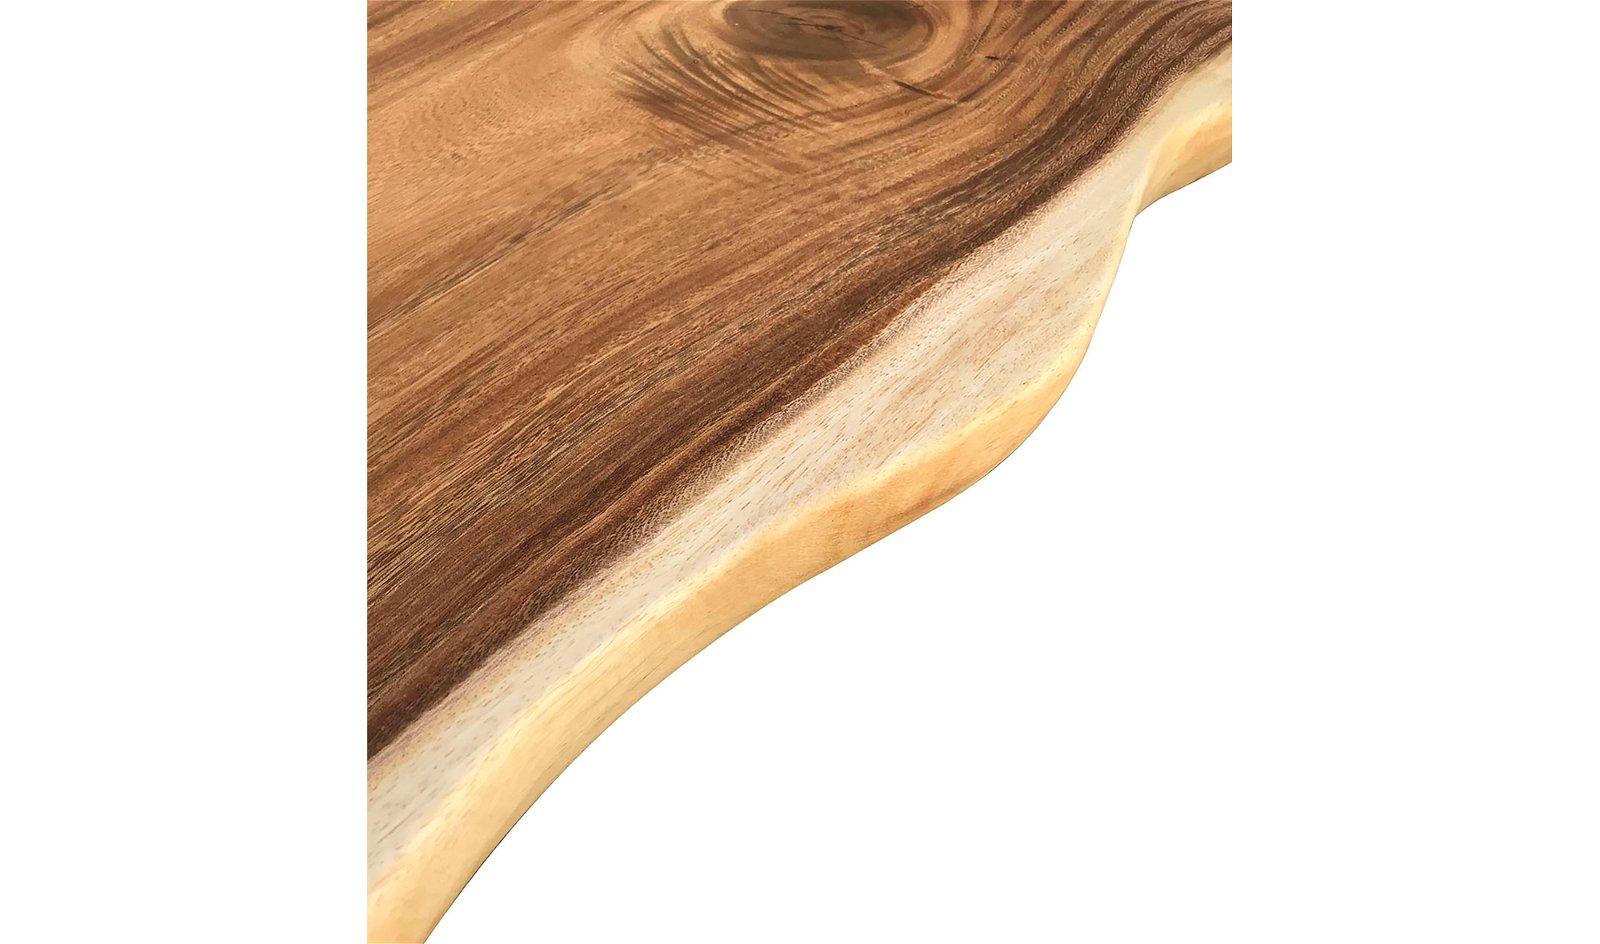 Mesa de centro irrregular madera de teca